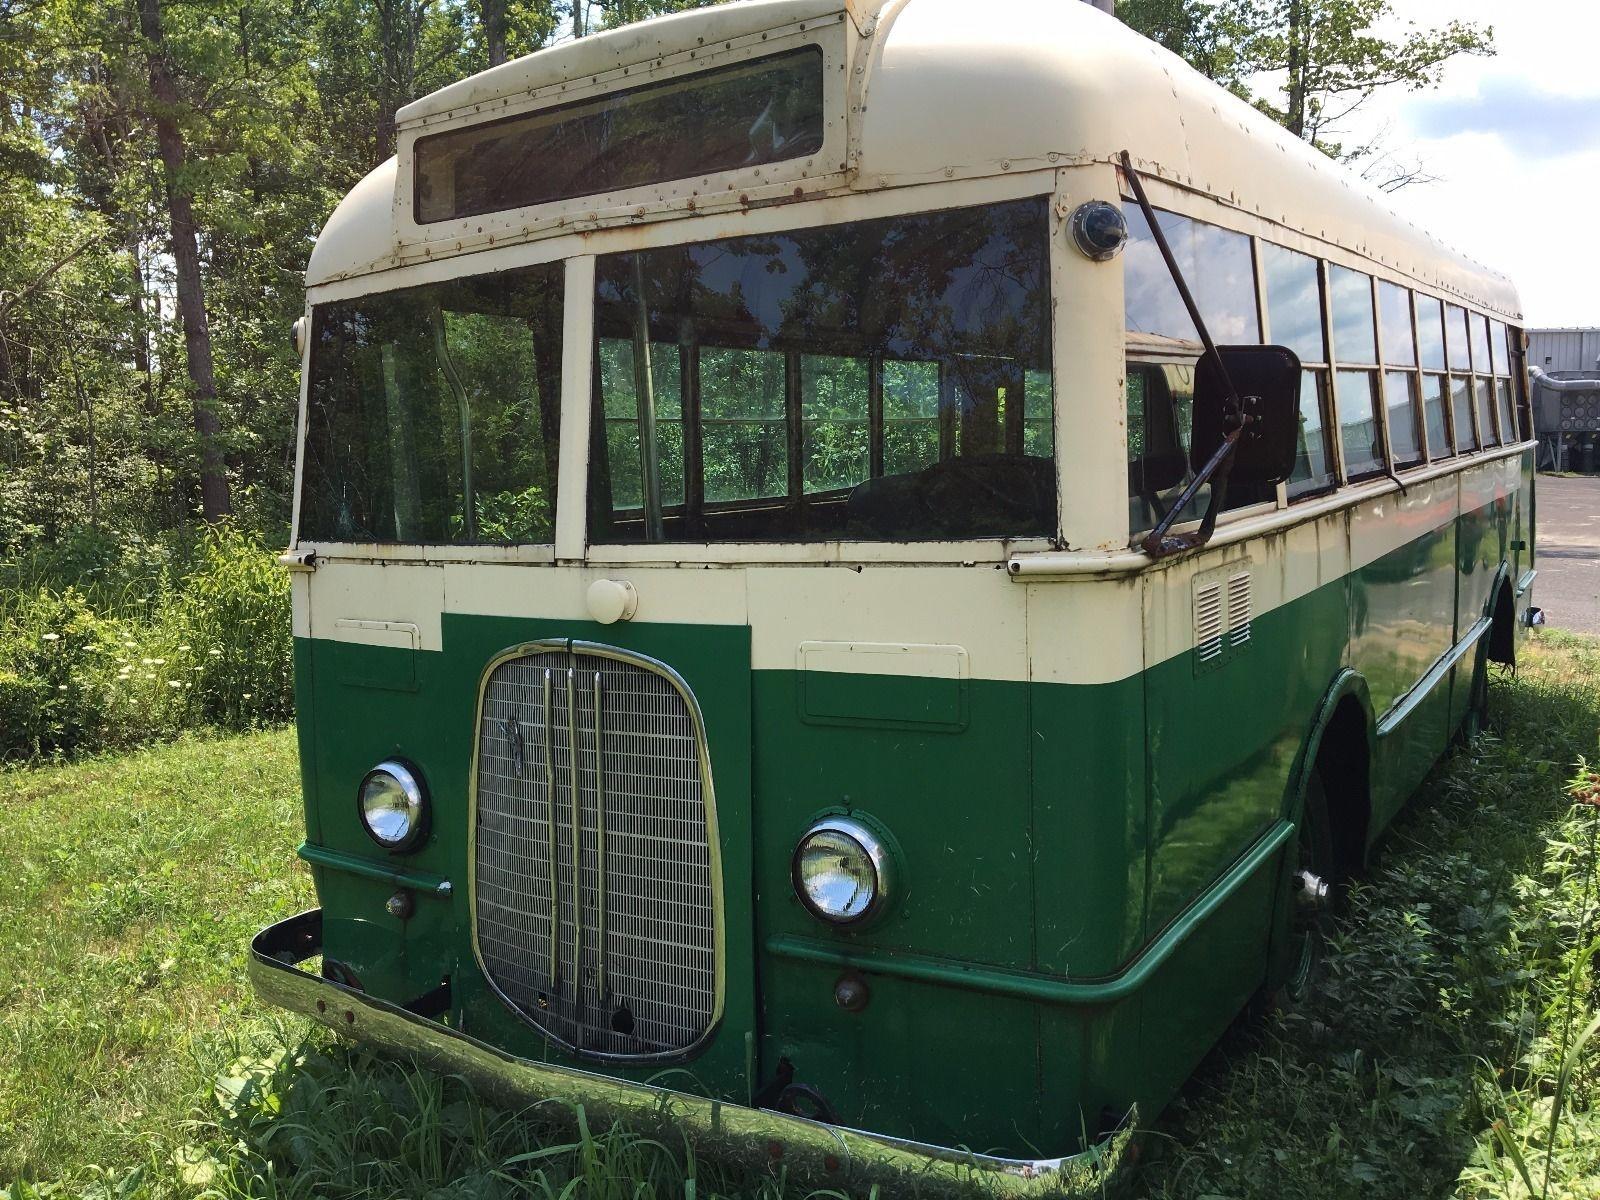 Crackerbox: 1939 Ford School Bus